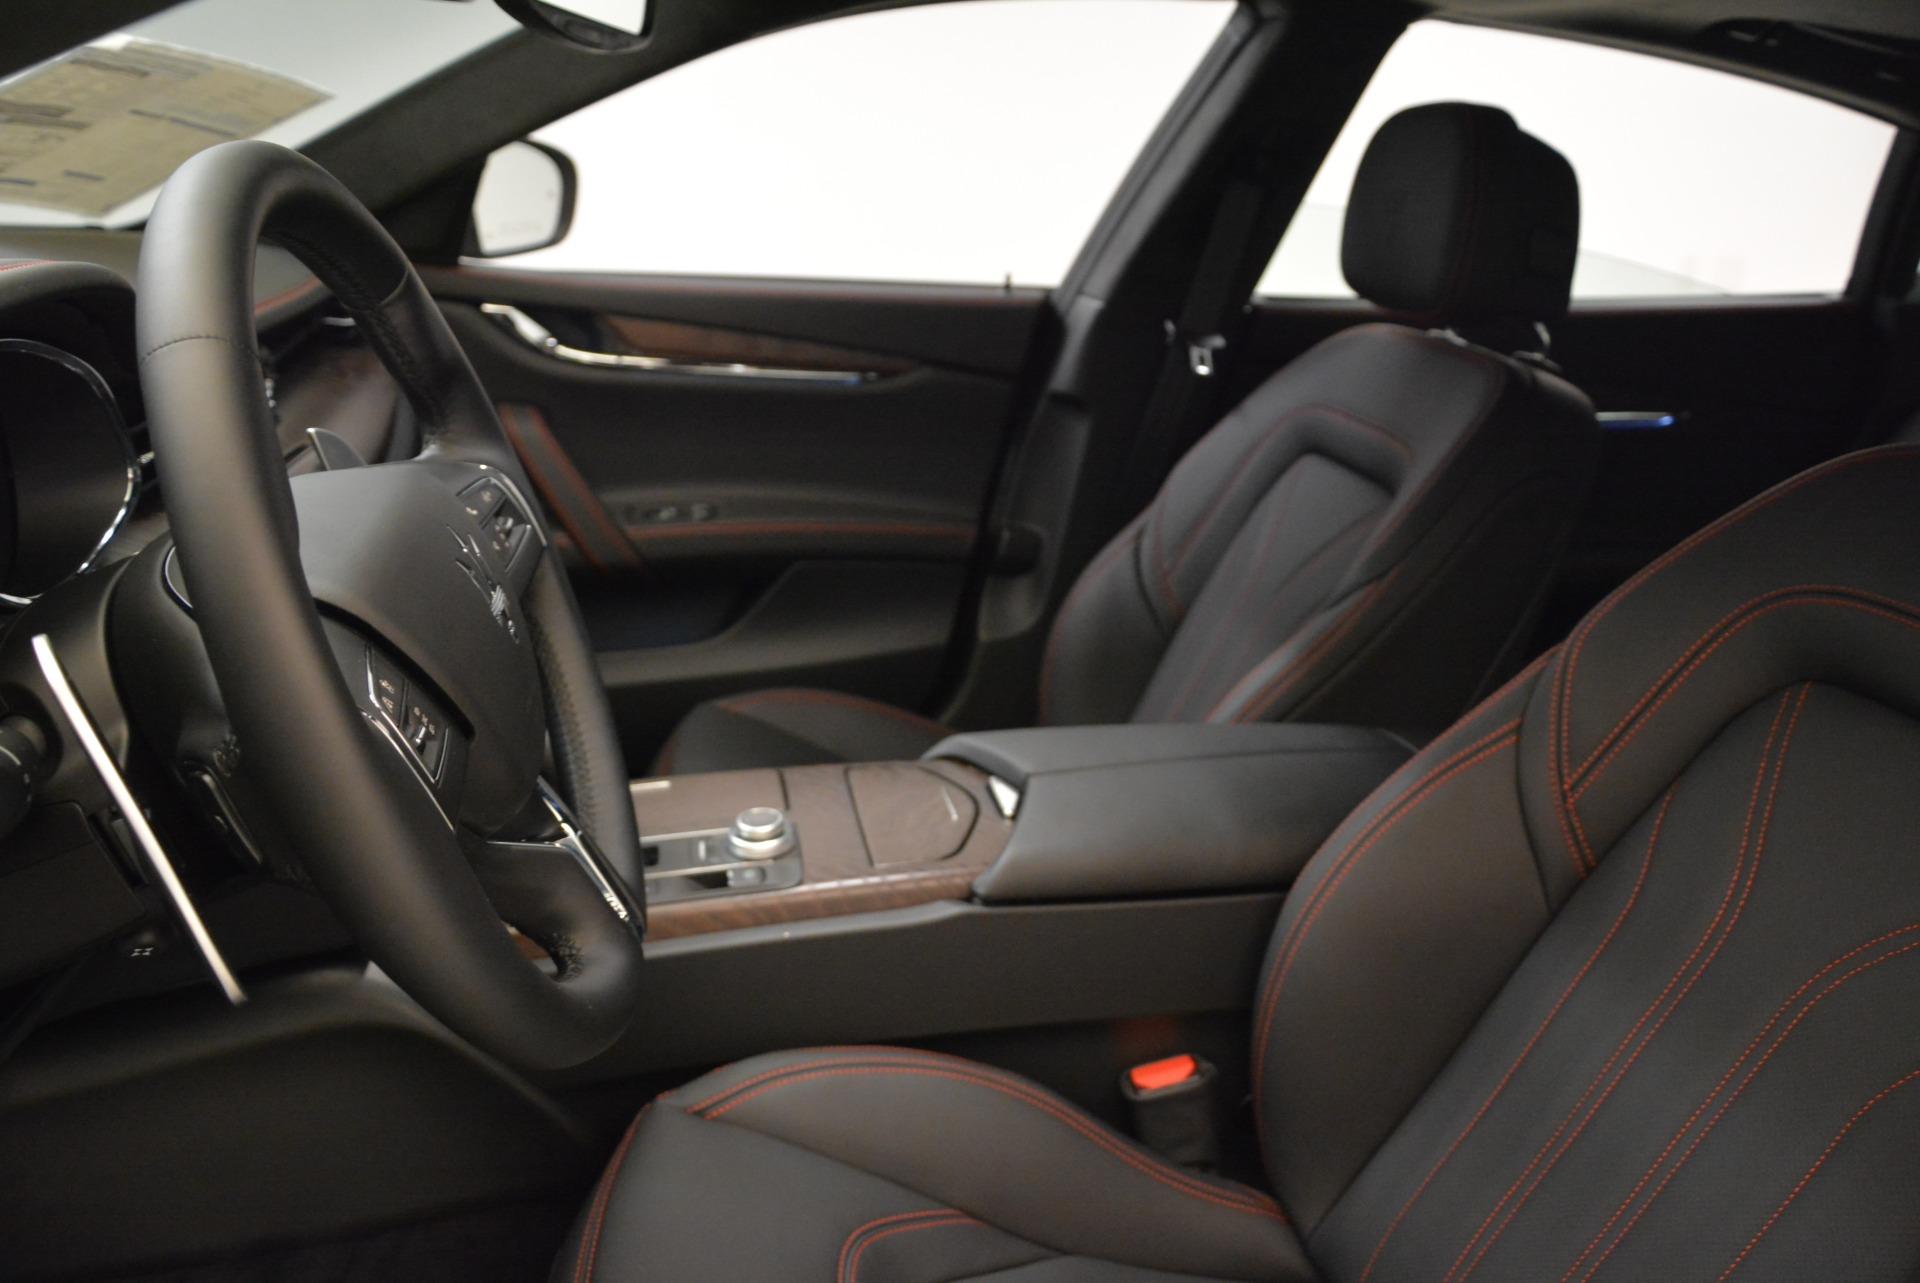 New 2018 Maserati Quattroporte S Q4 GranLusso For Sale In Greenwich, CT 1815_p13